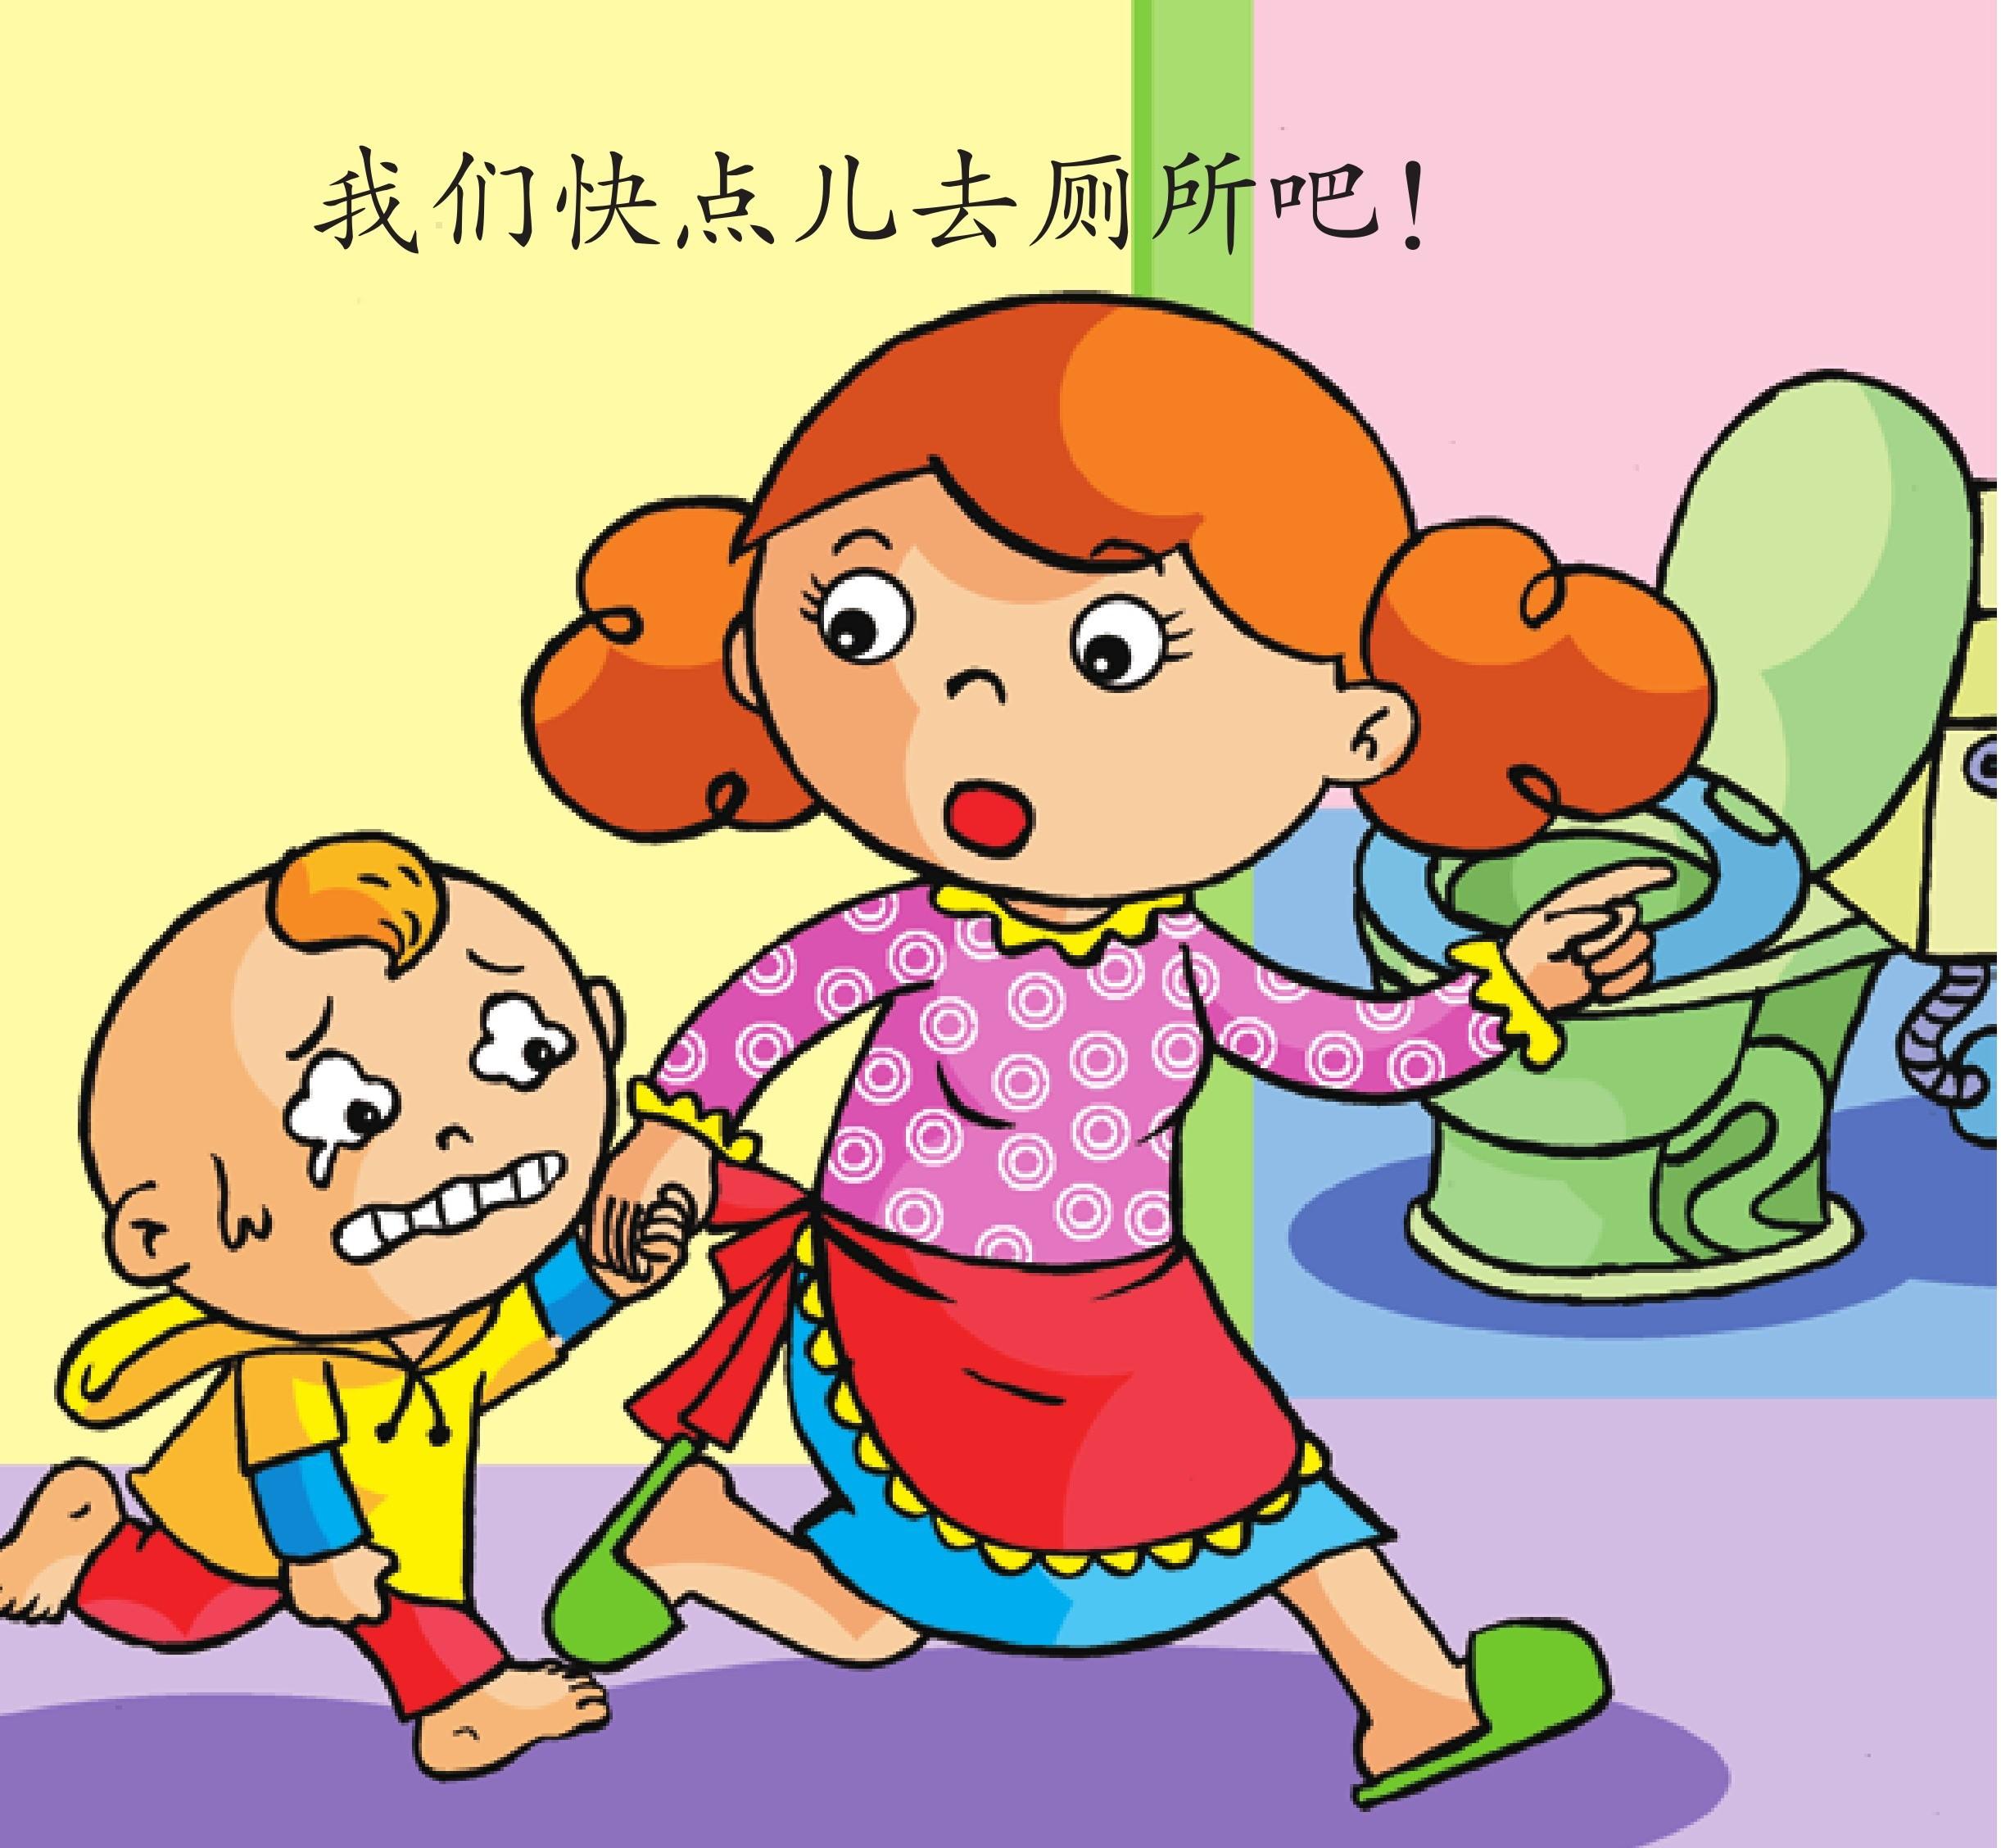 采用圆润可爱,简单而色彩丰富的图画以及易于幼儿识记的语言为孩子讲